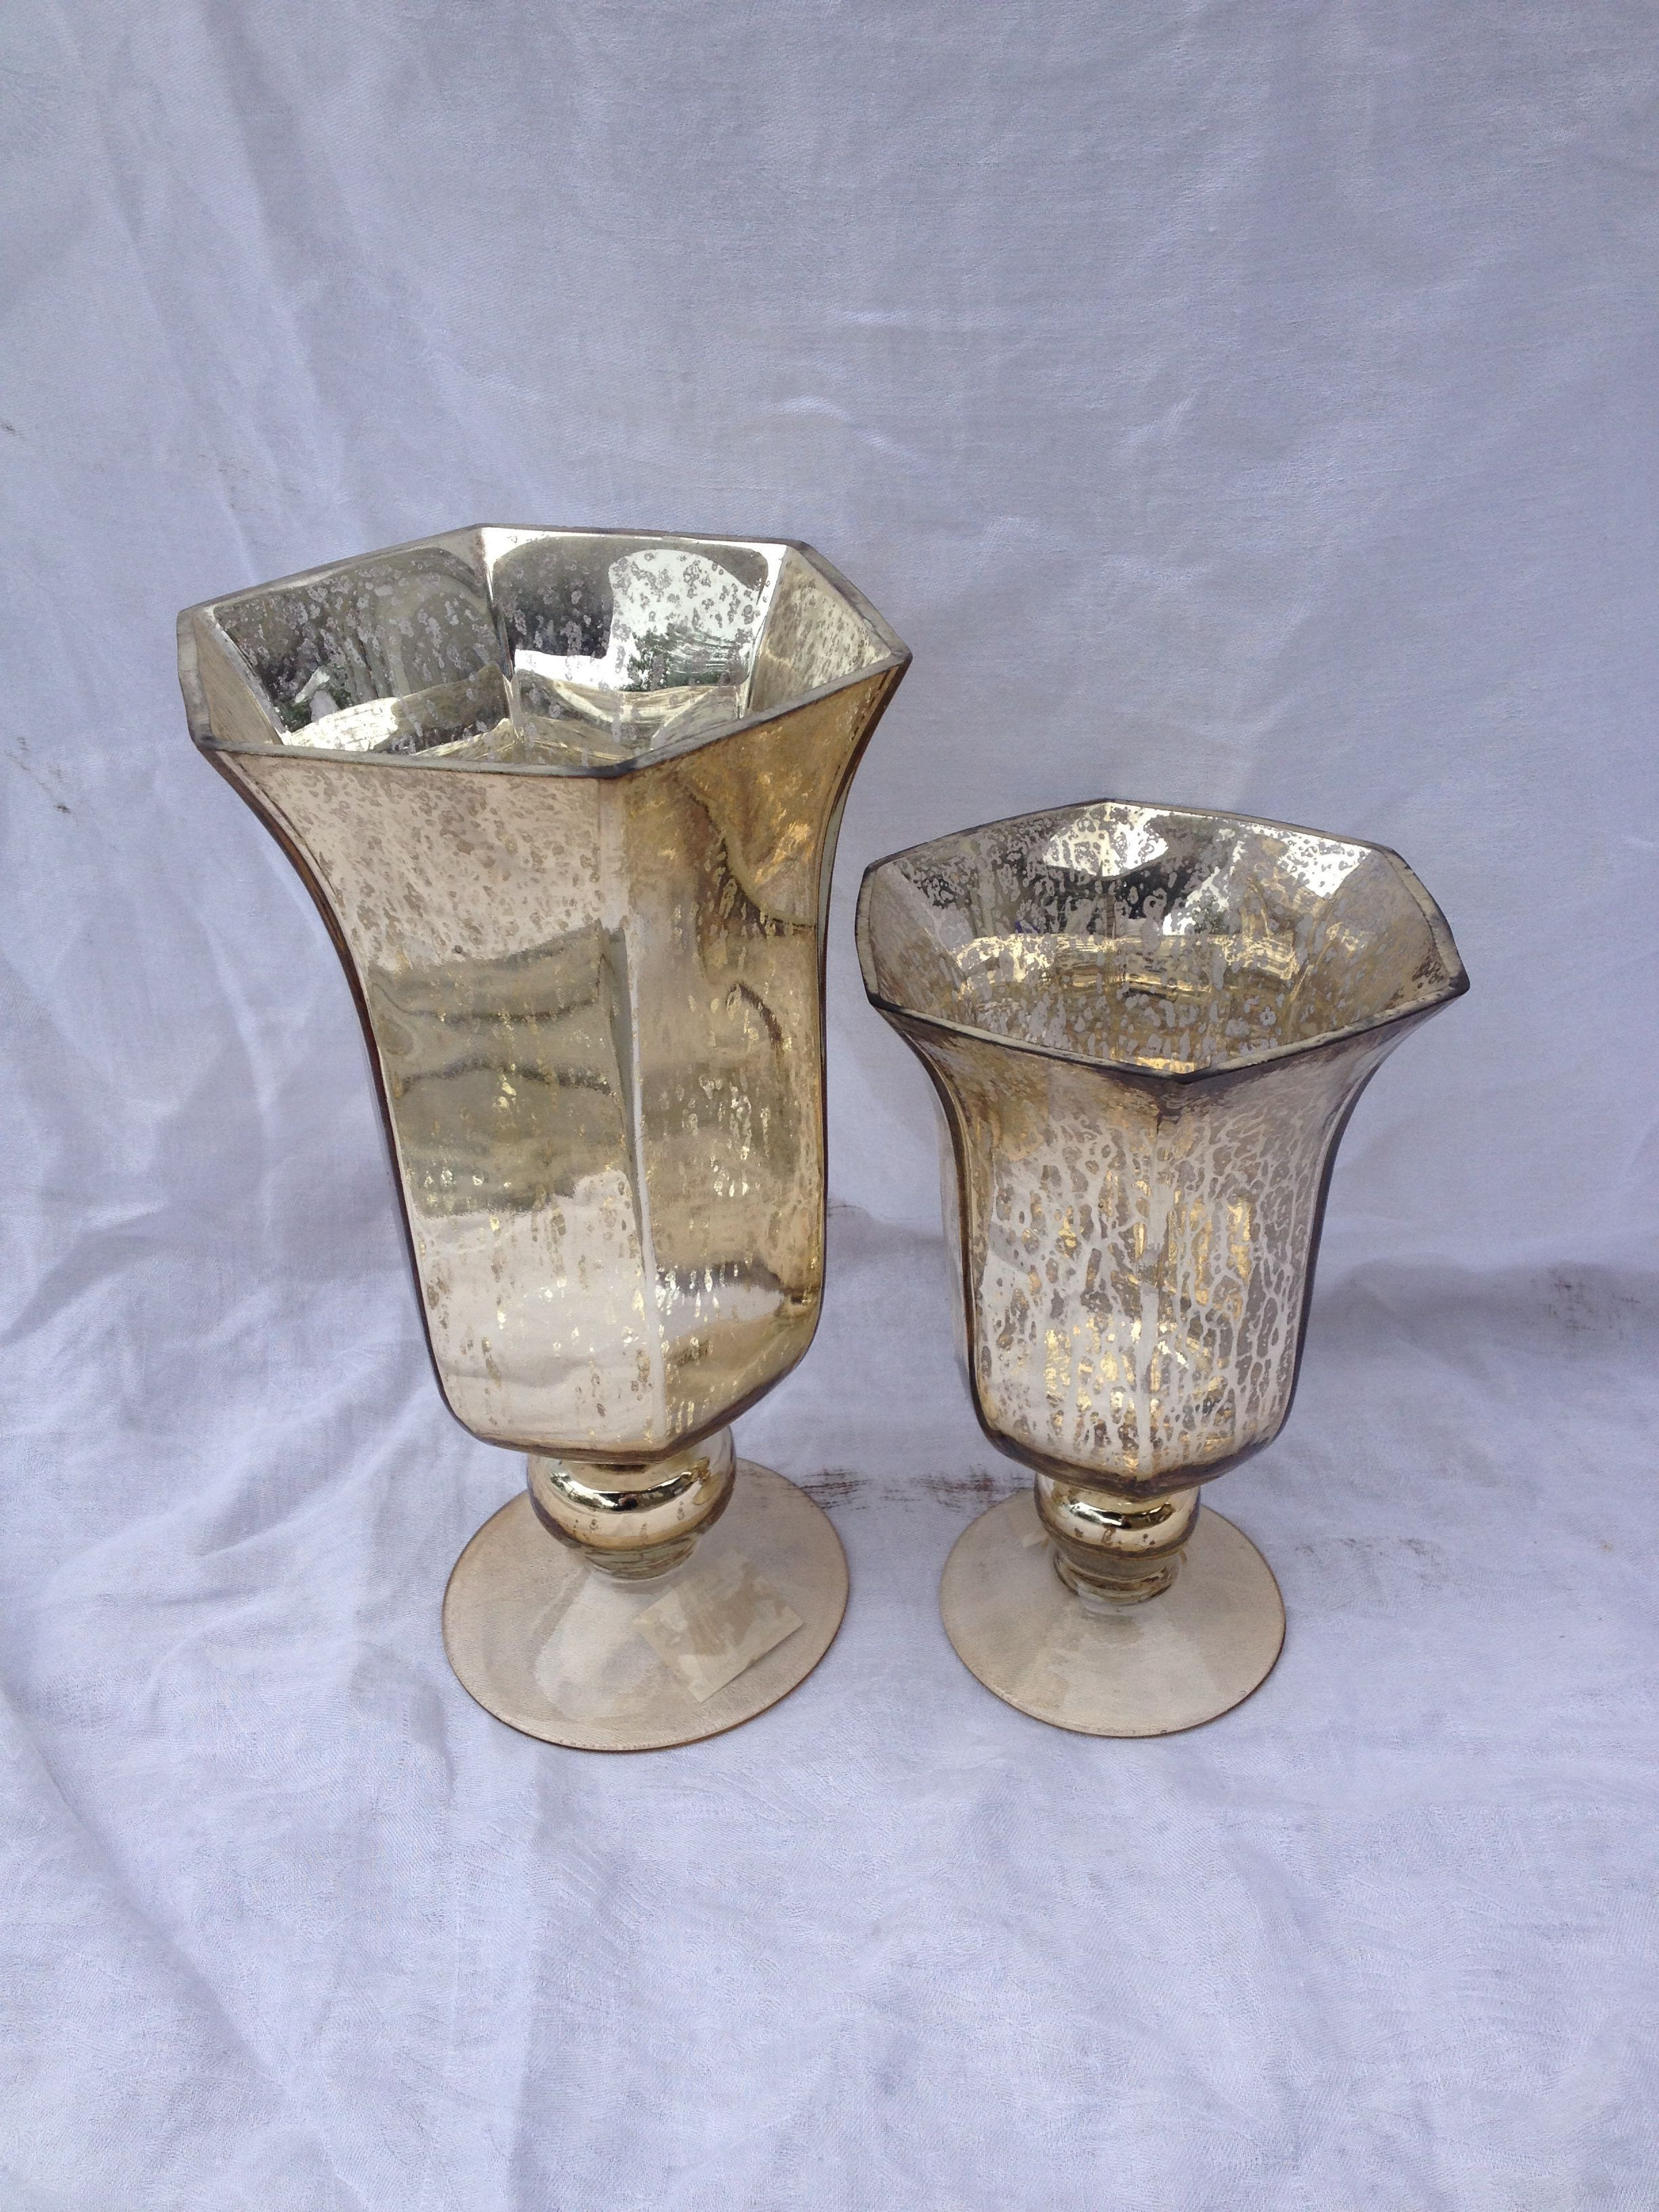 Large Silver Mosaic Vase Of 34 Gold Mercury Glass Vases the Weekly World with Gold Mercury Glass Lida Vase Inspiration Pinterest